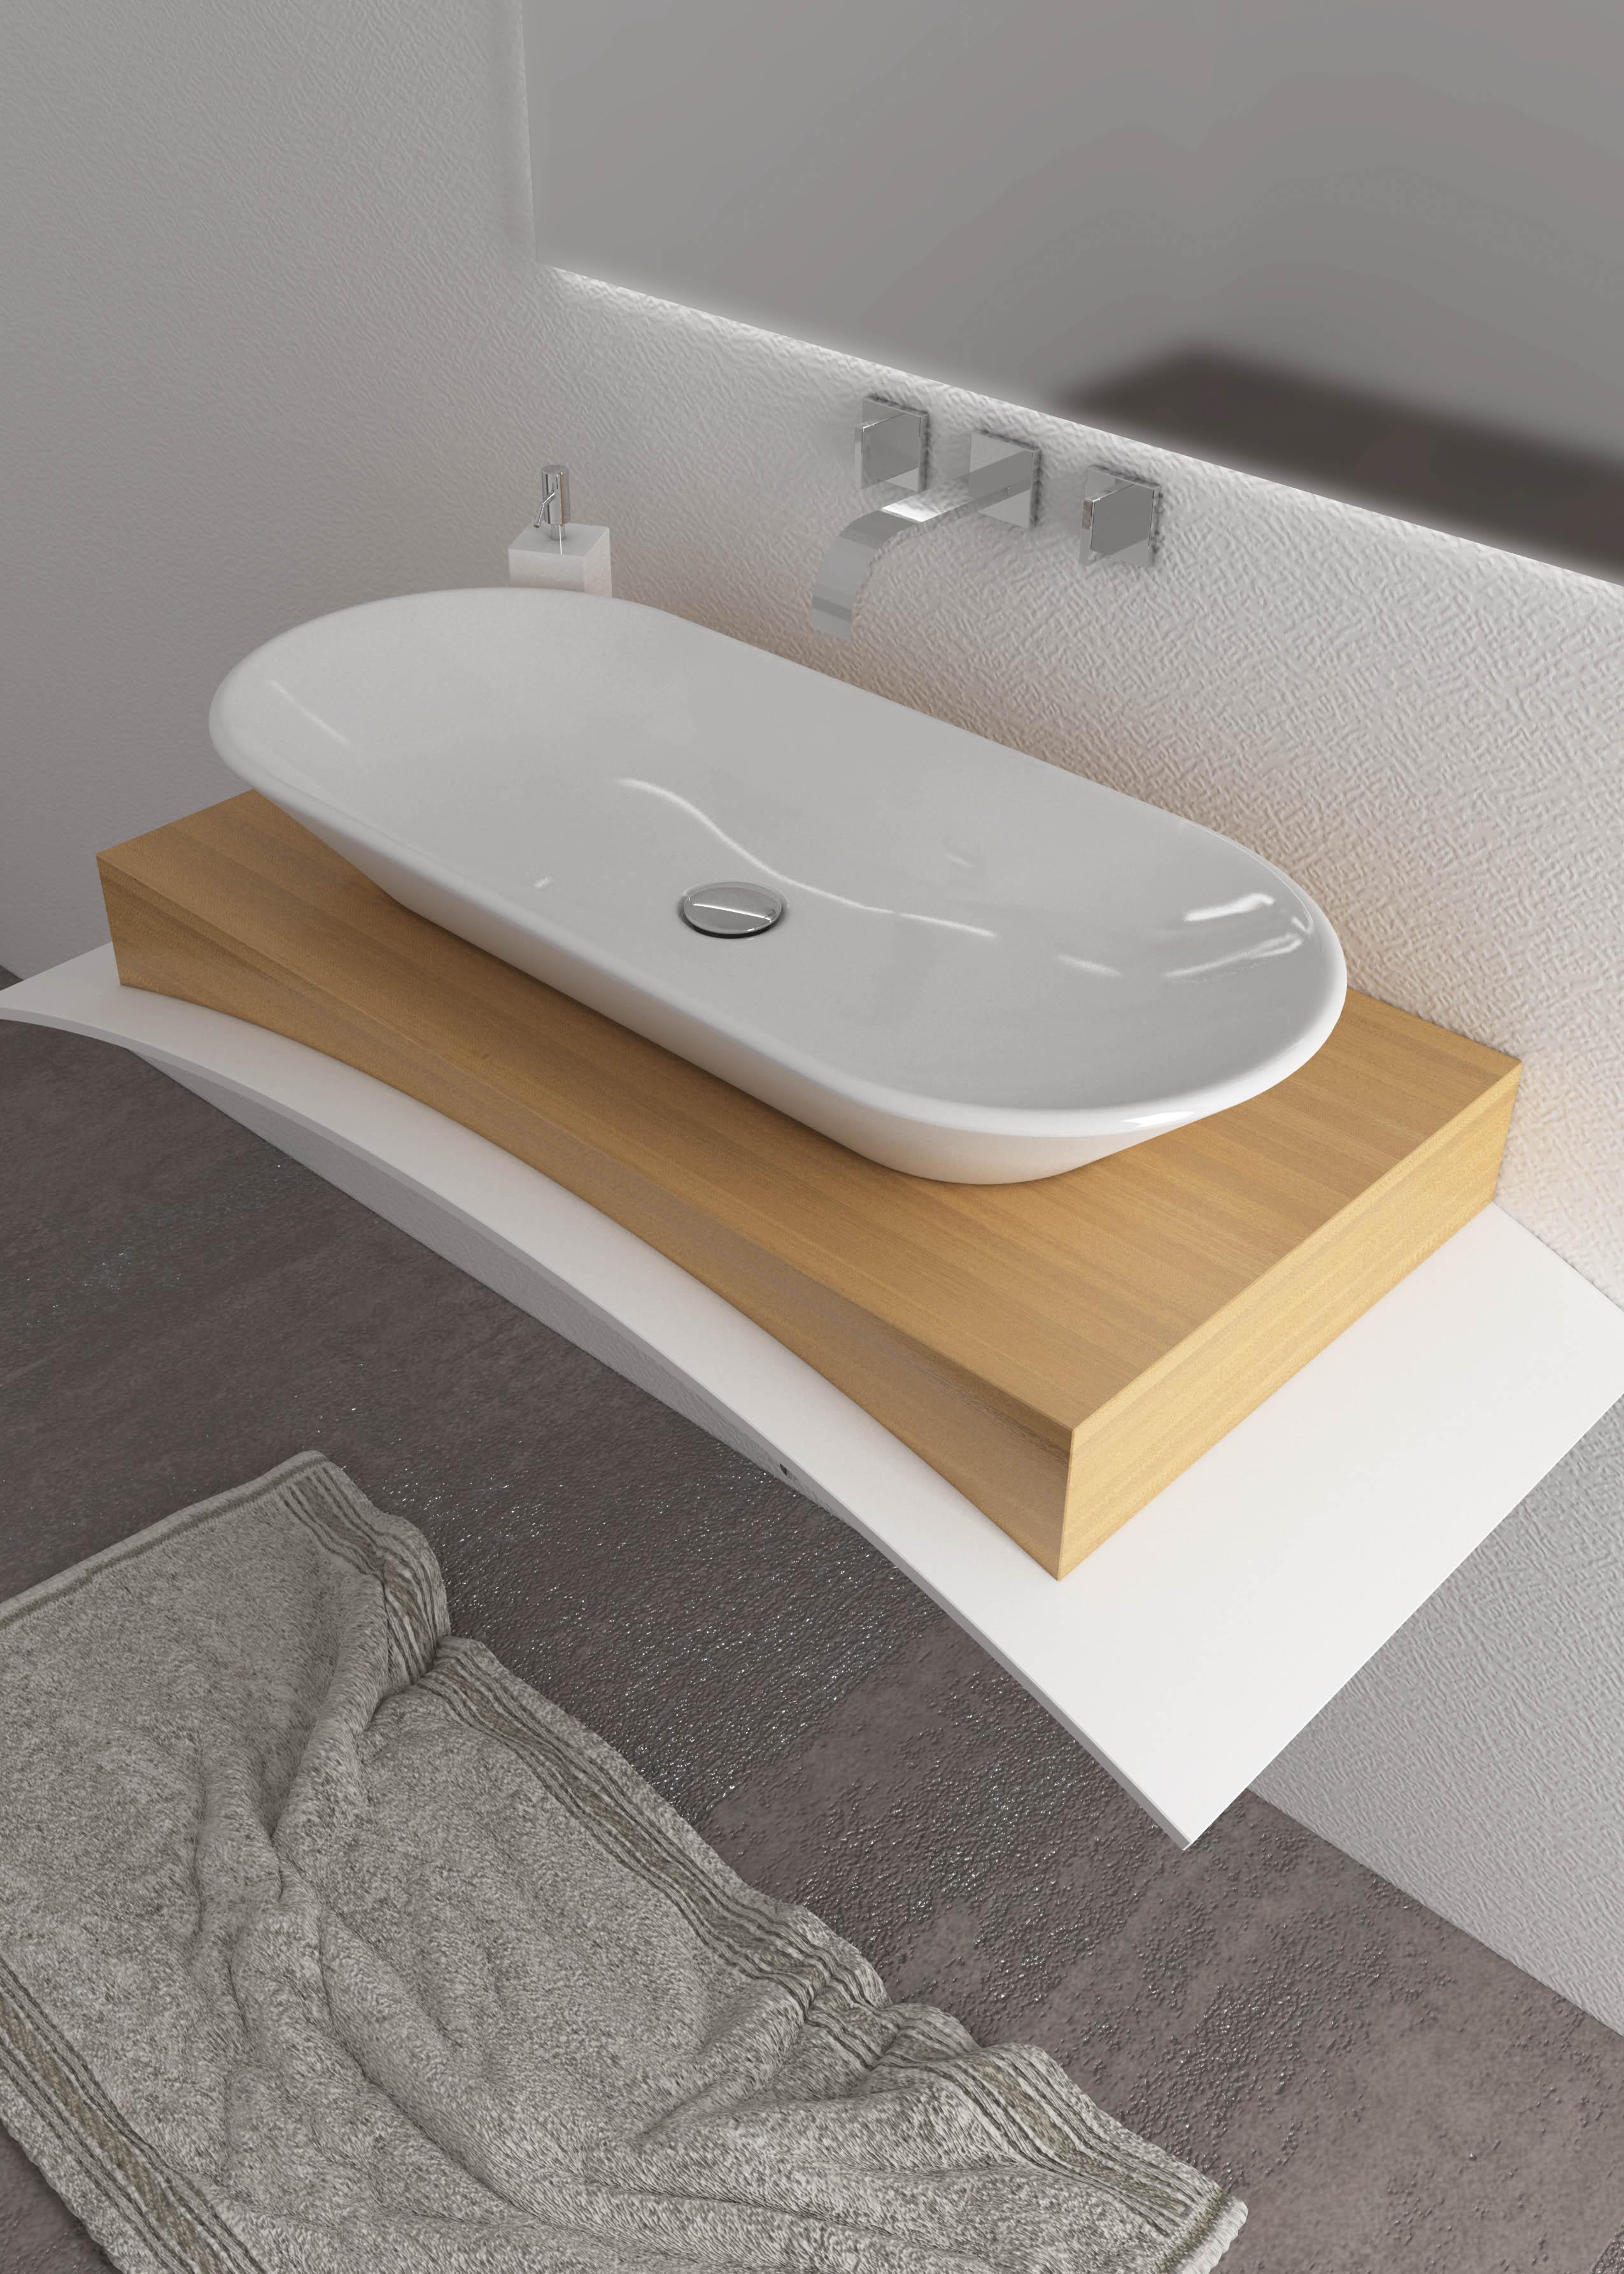 Lavello Bagno Da Appoggio siria lavabo da appoggio 50/70/90cm. opera sanitari